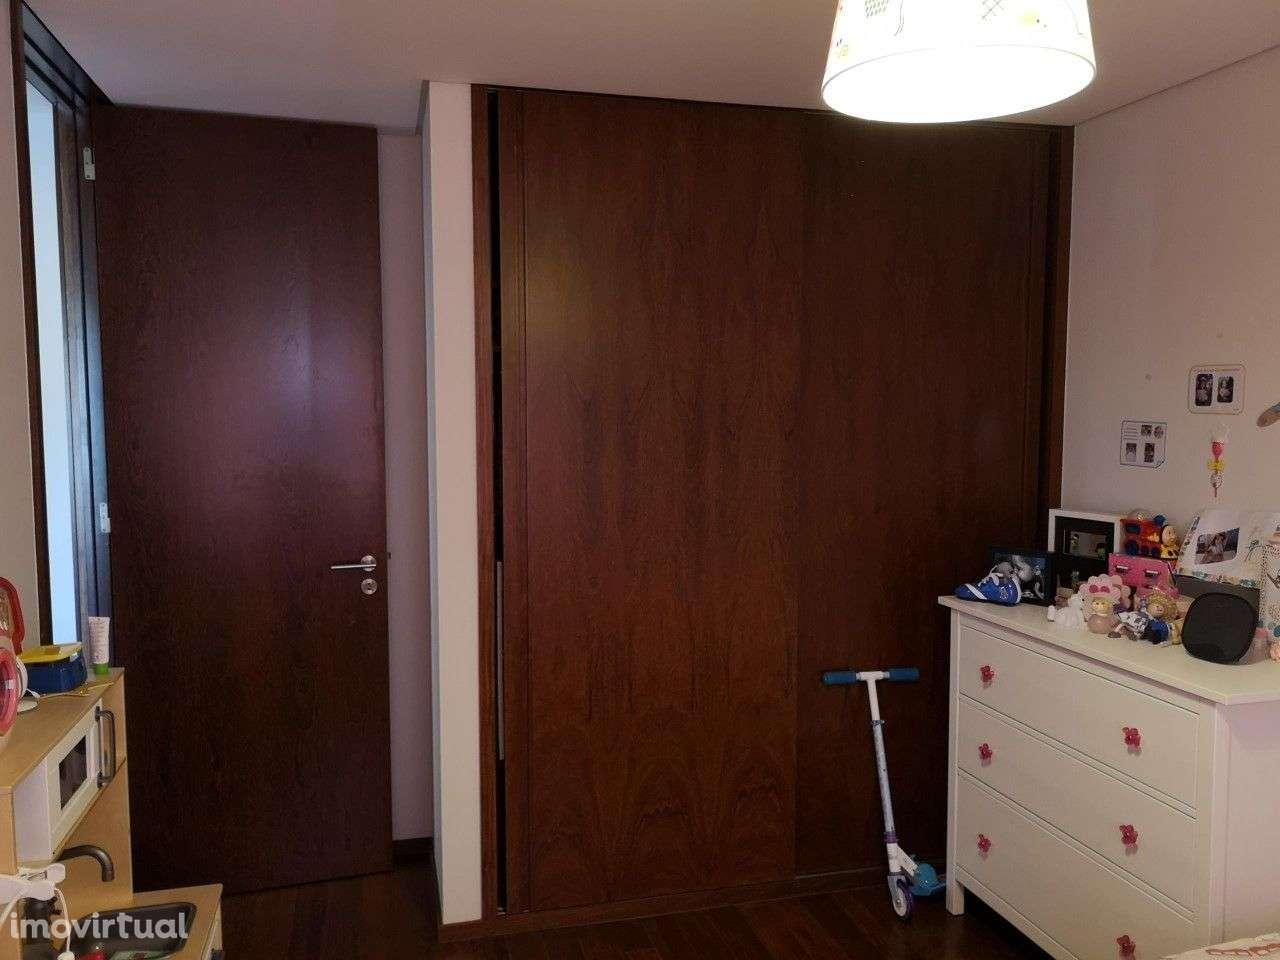 Apartamento para comprar, Rua Instituto de Cegos S Manuel, Cedofeita, Santo Ildefonso, Sé, Miragaia, São Nicolau e Vitória - Foto 13